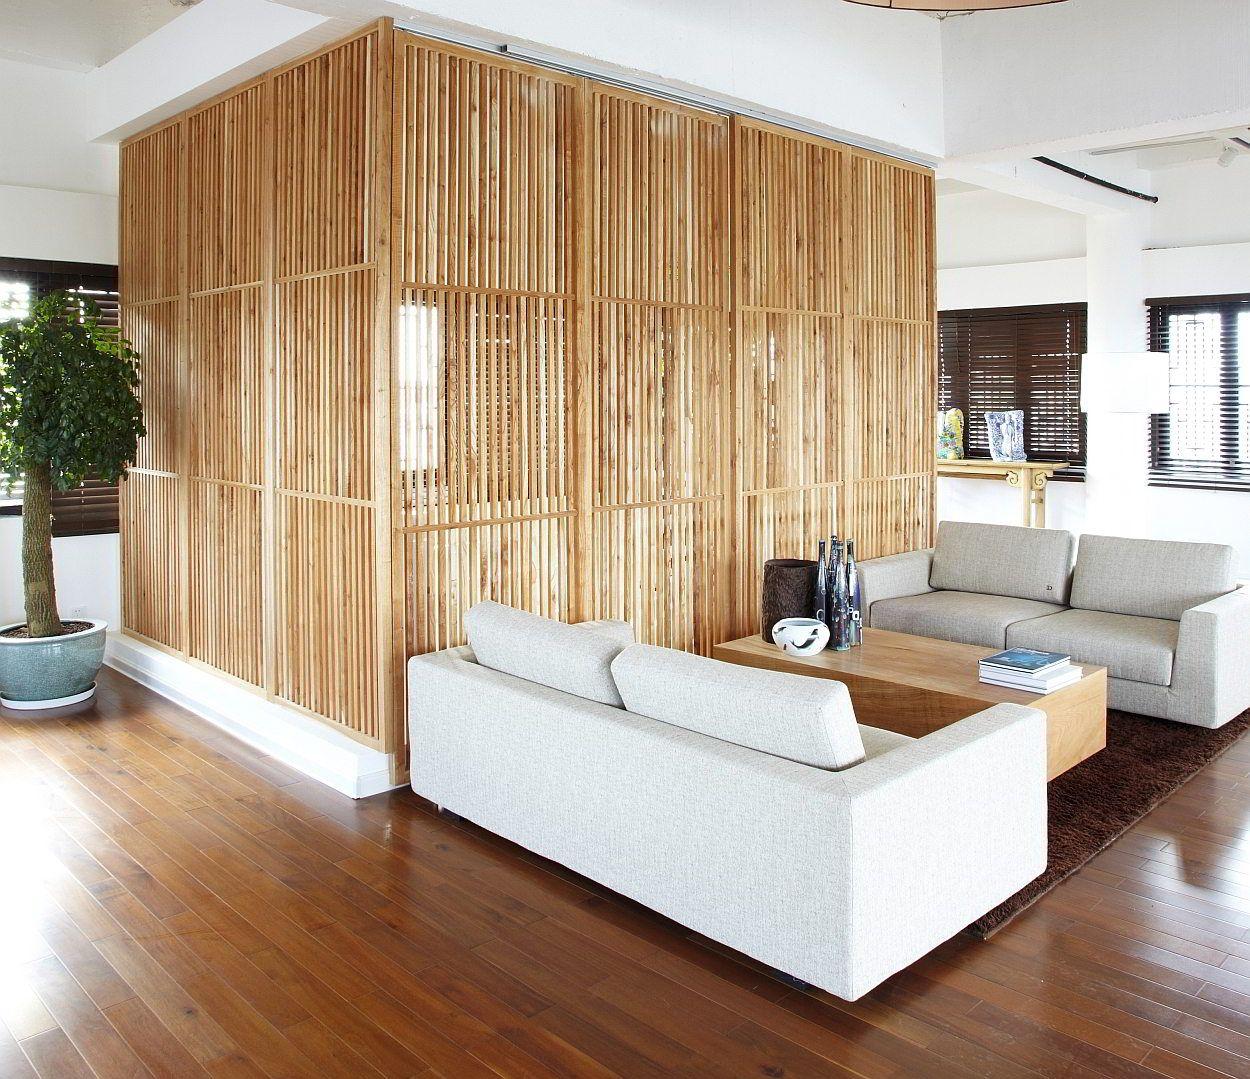 Verschuifbare houten wand - japanse woonkamer | interieur ...